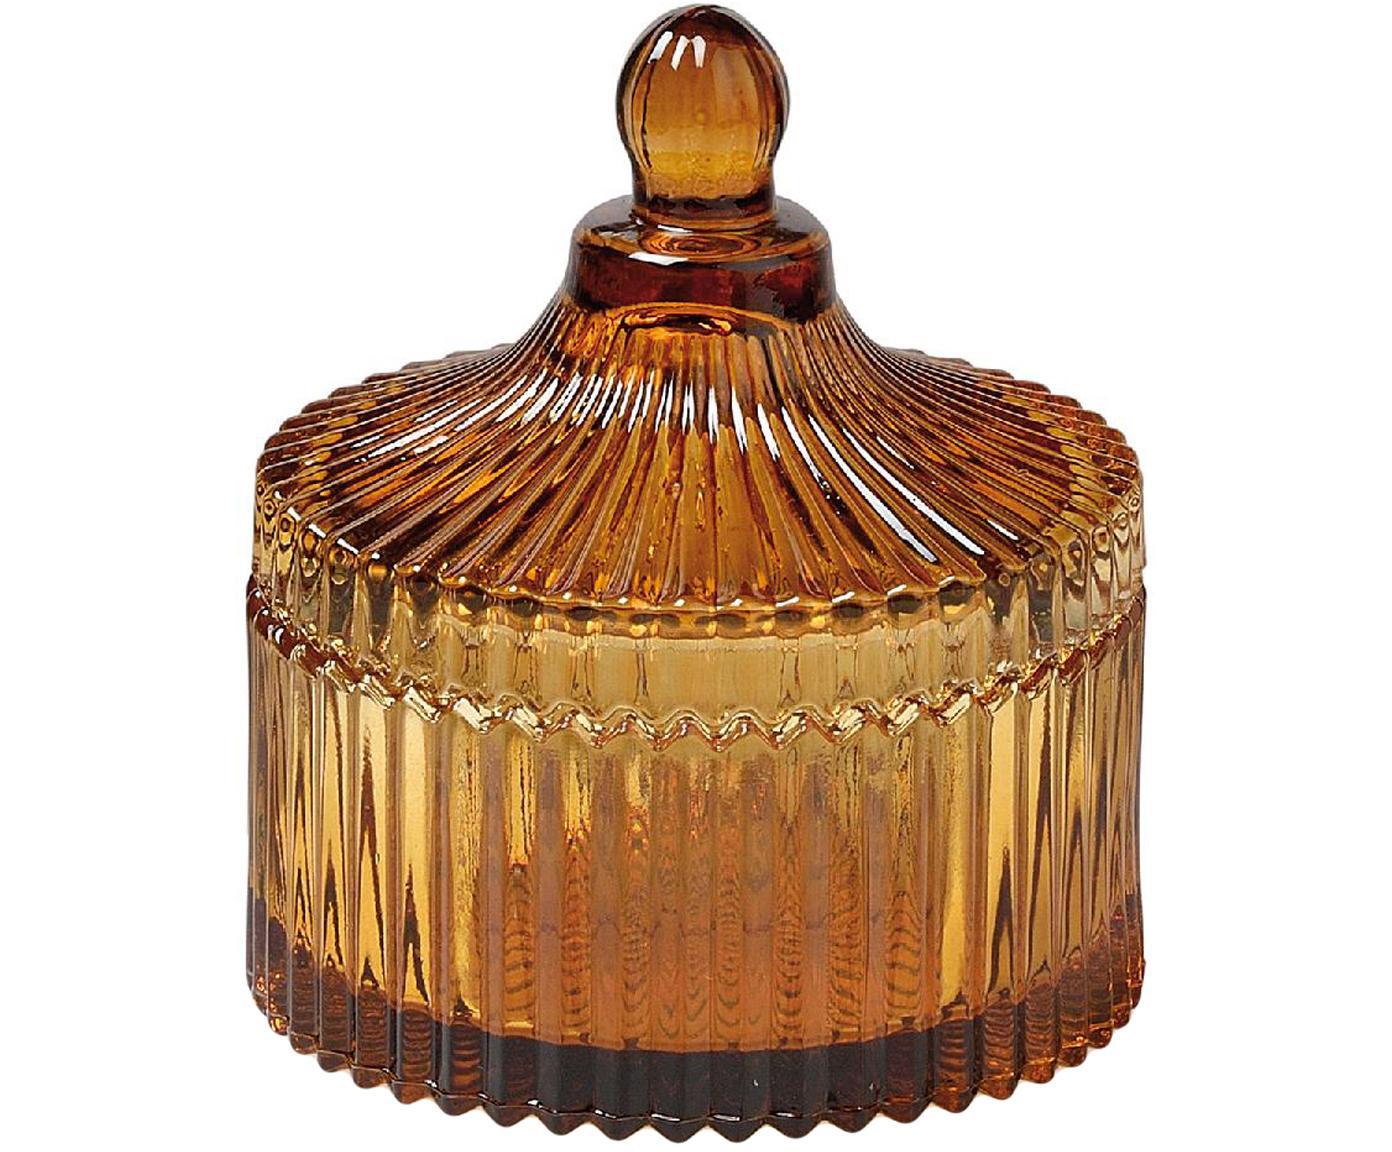 Pojemnik do przechowywania Ionic, Szkło, Brązowy, Ø 11 x W 12 cm